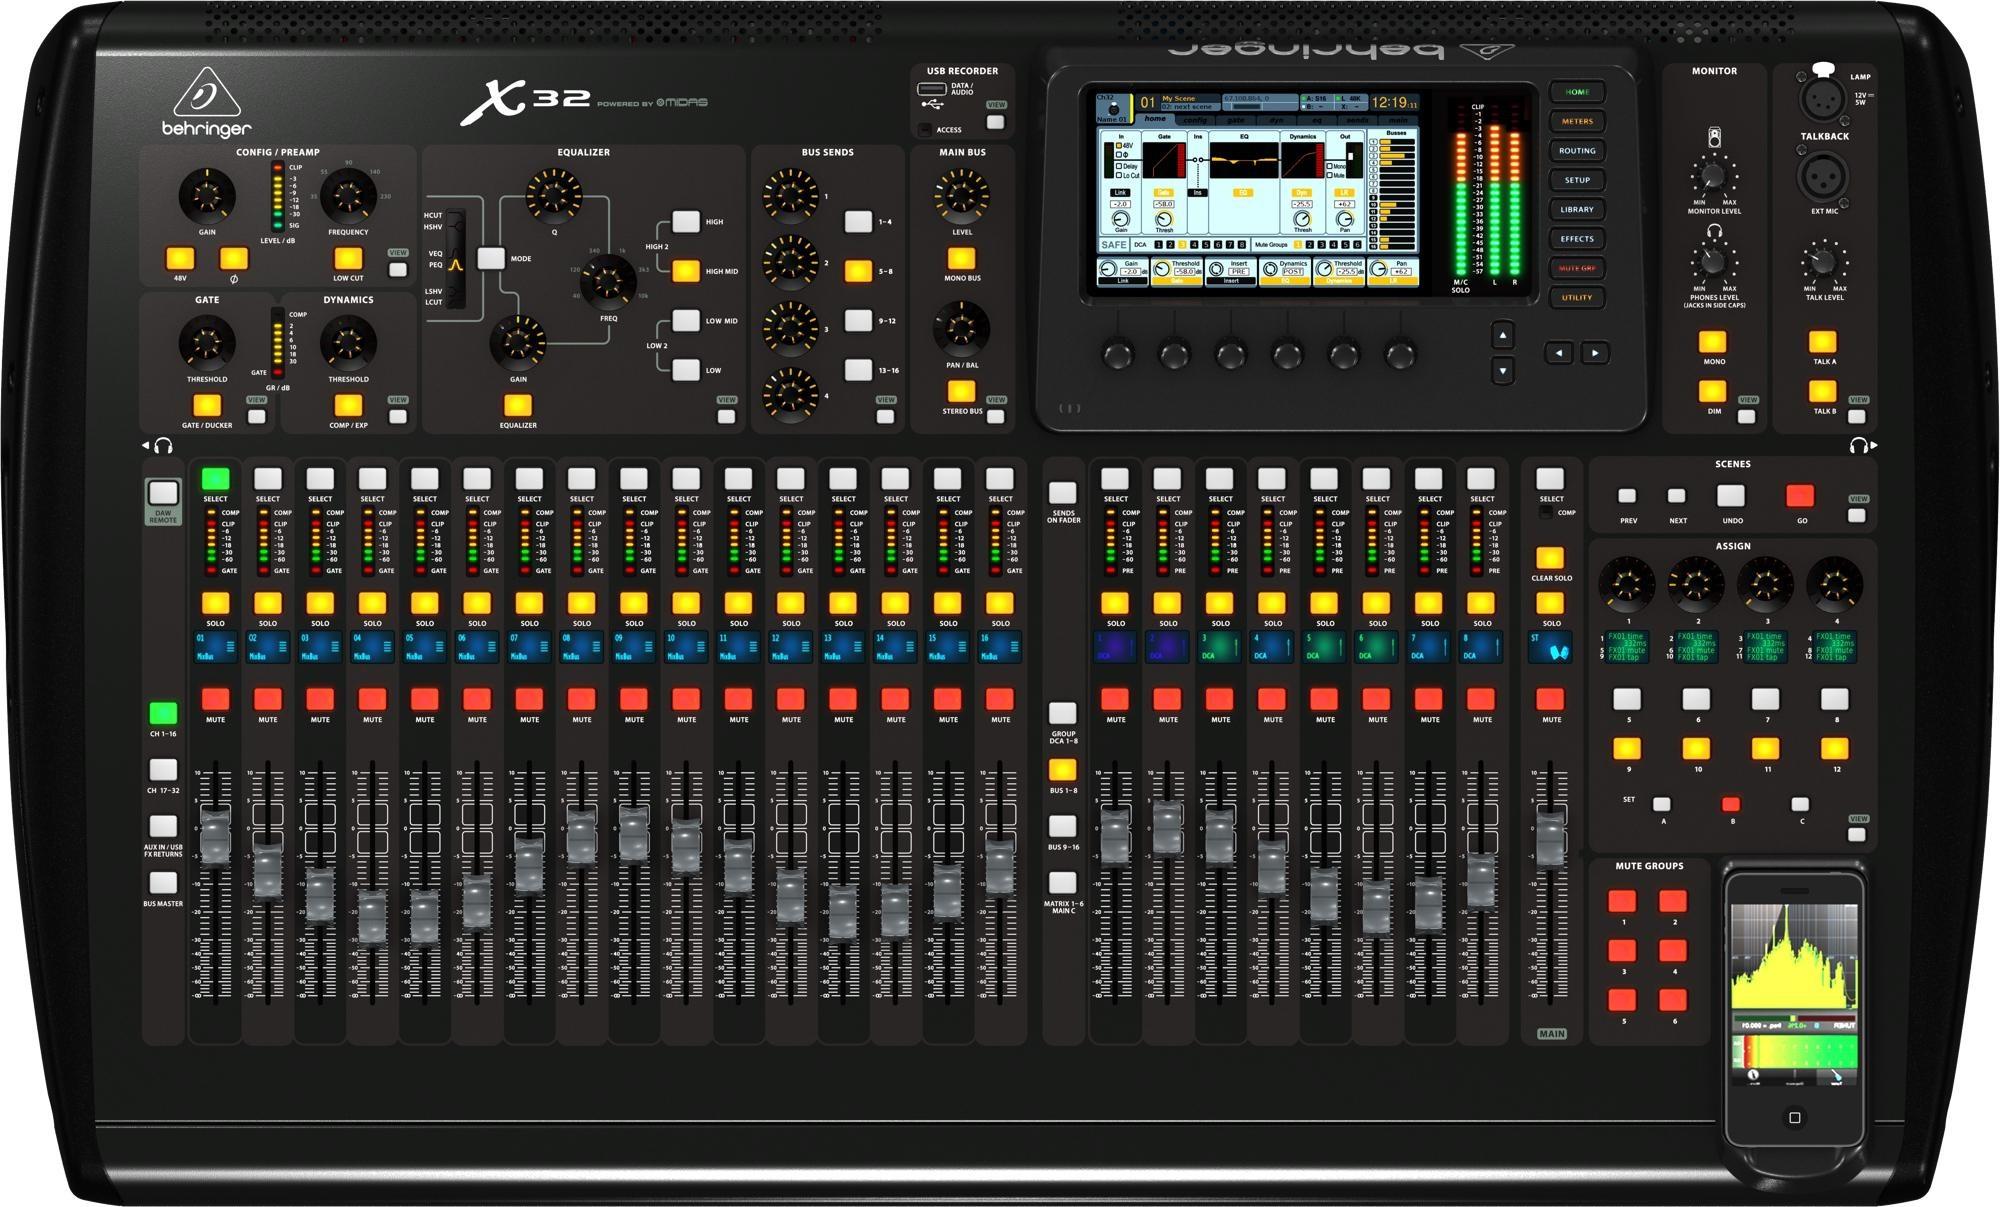 behringer x32 repair manual professional user manual ebooks u2022 rh justusermanual today behringer x32 manual español pdf behringer x32 manual español descargar